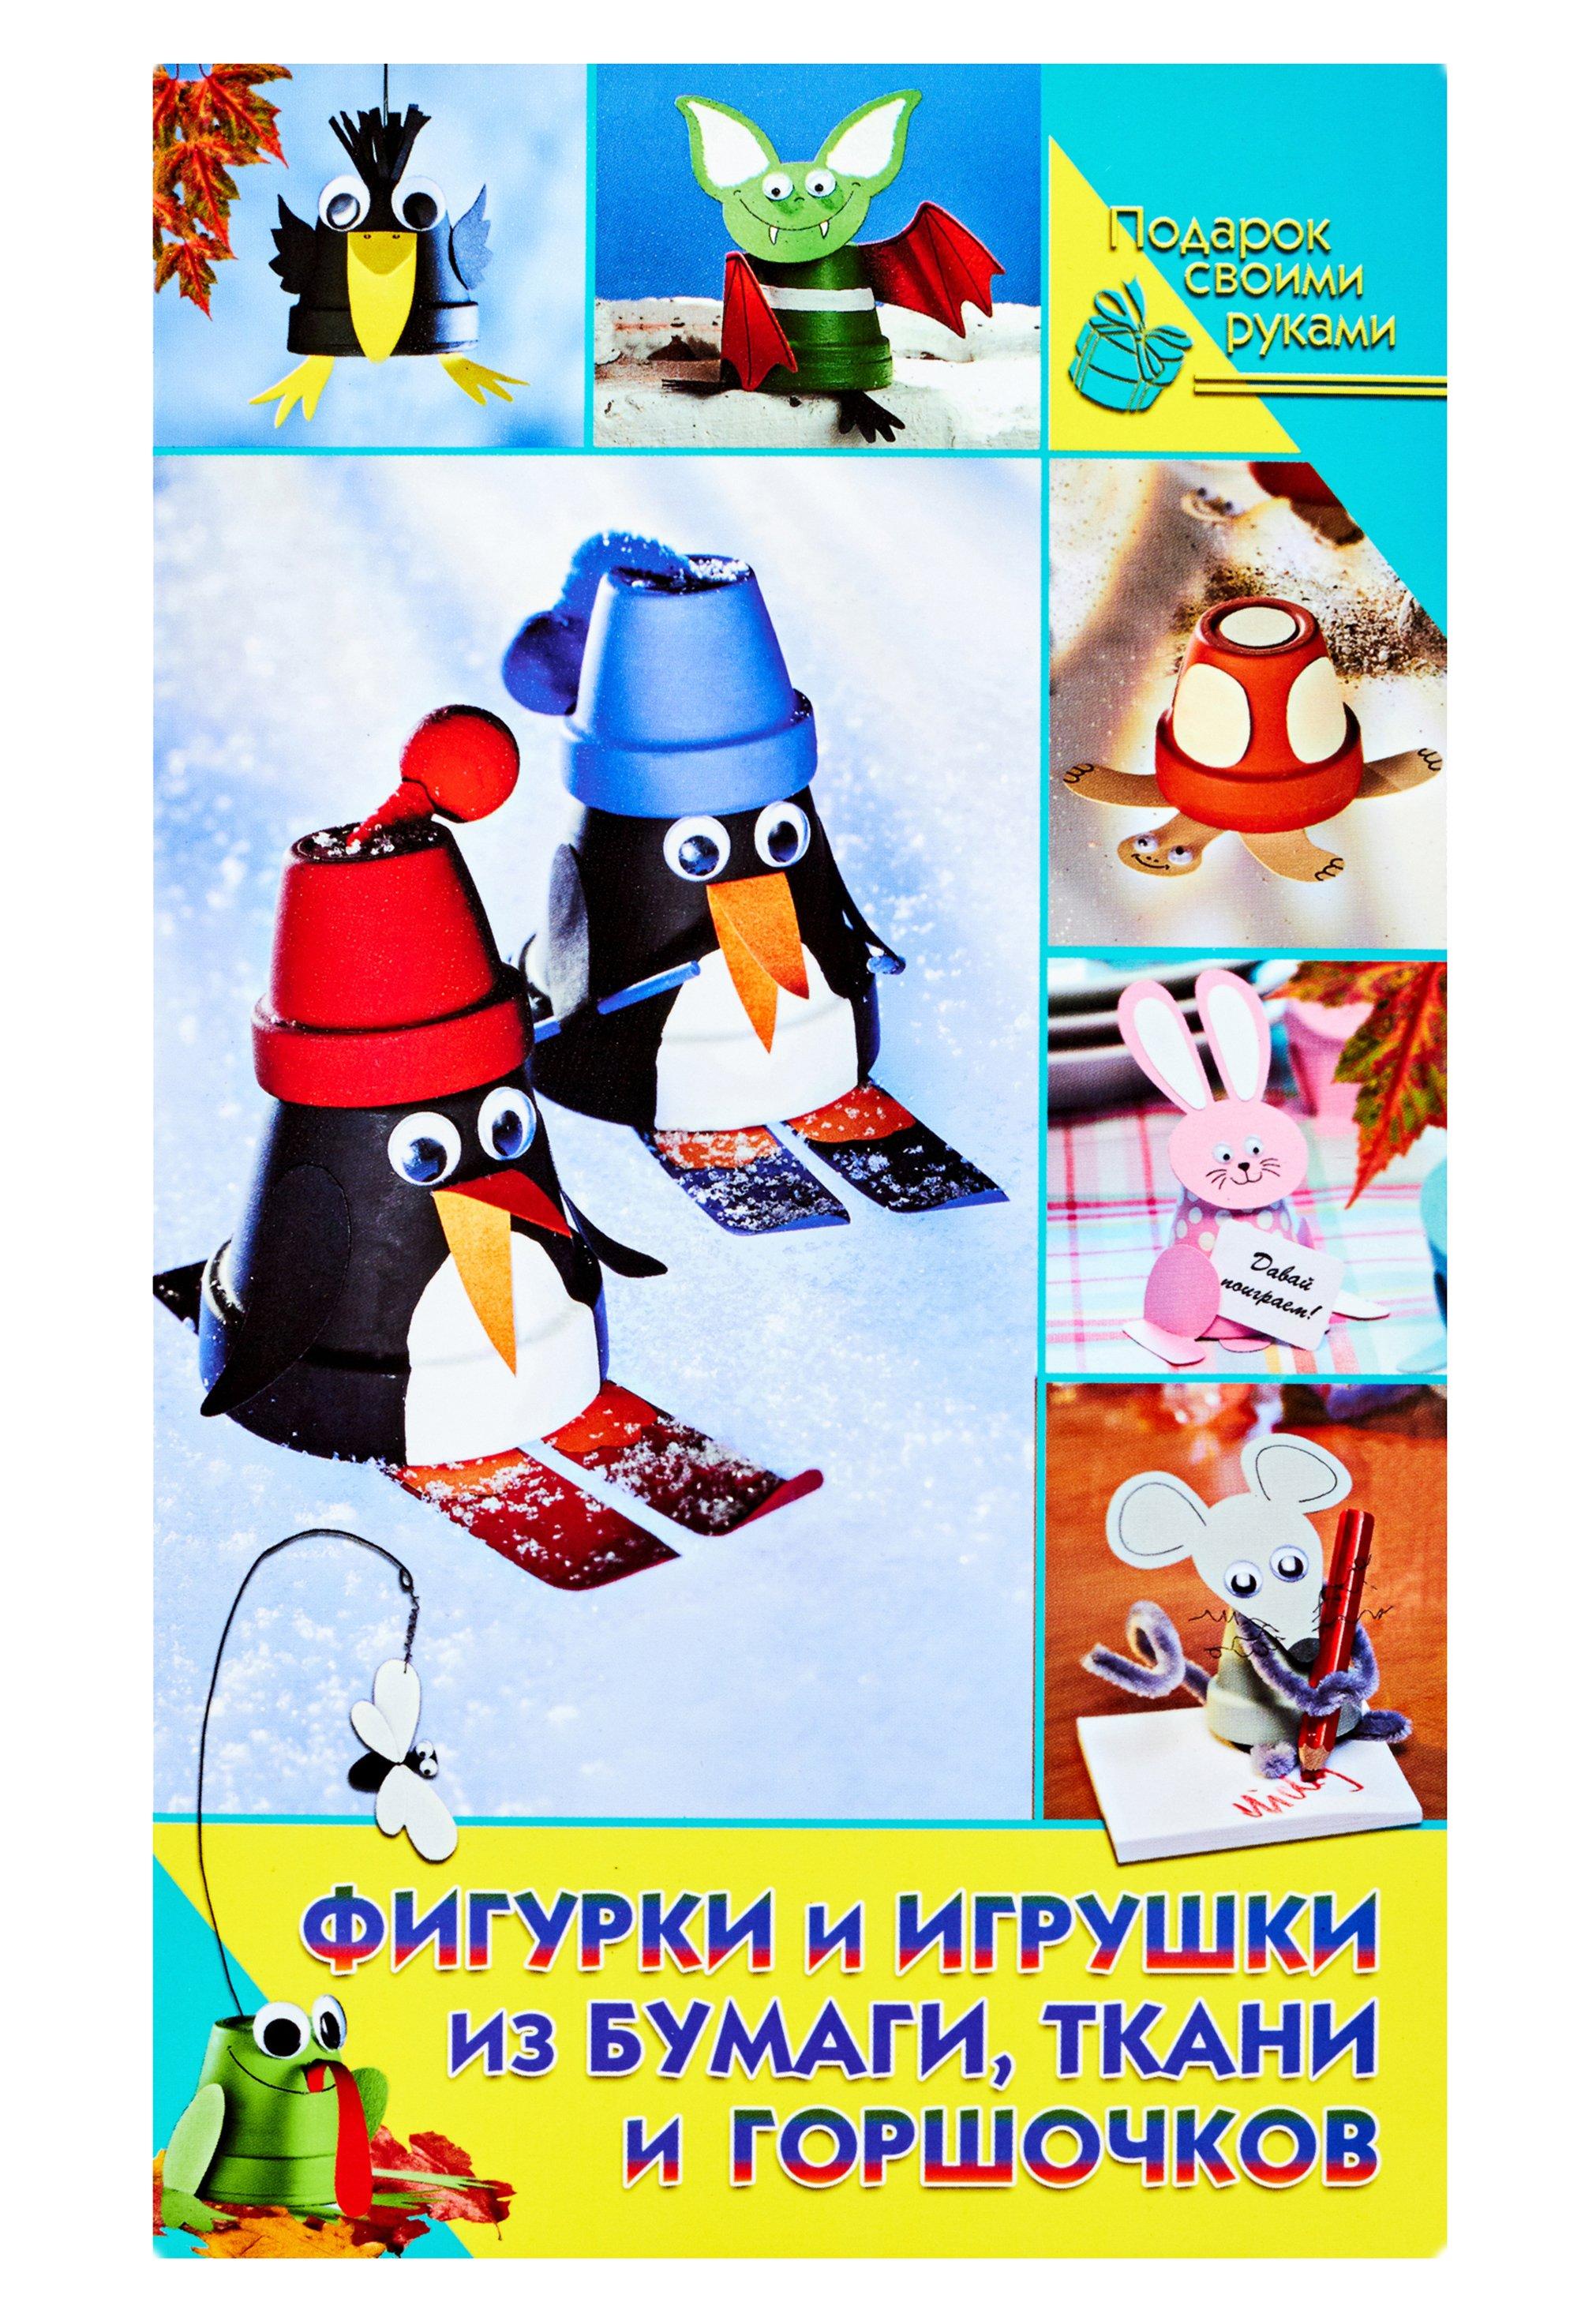 Тойбнер Армин Фигурки и игрушки из бумаги, ткани и горшочков армин тойбнер т ковалева и мировславская фигурки и игрушки из бумаги ткани и горшочков